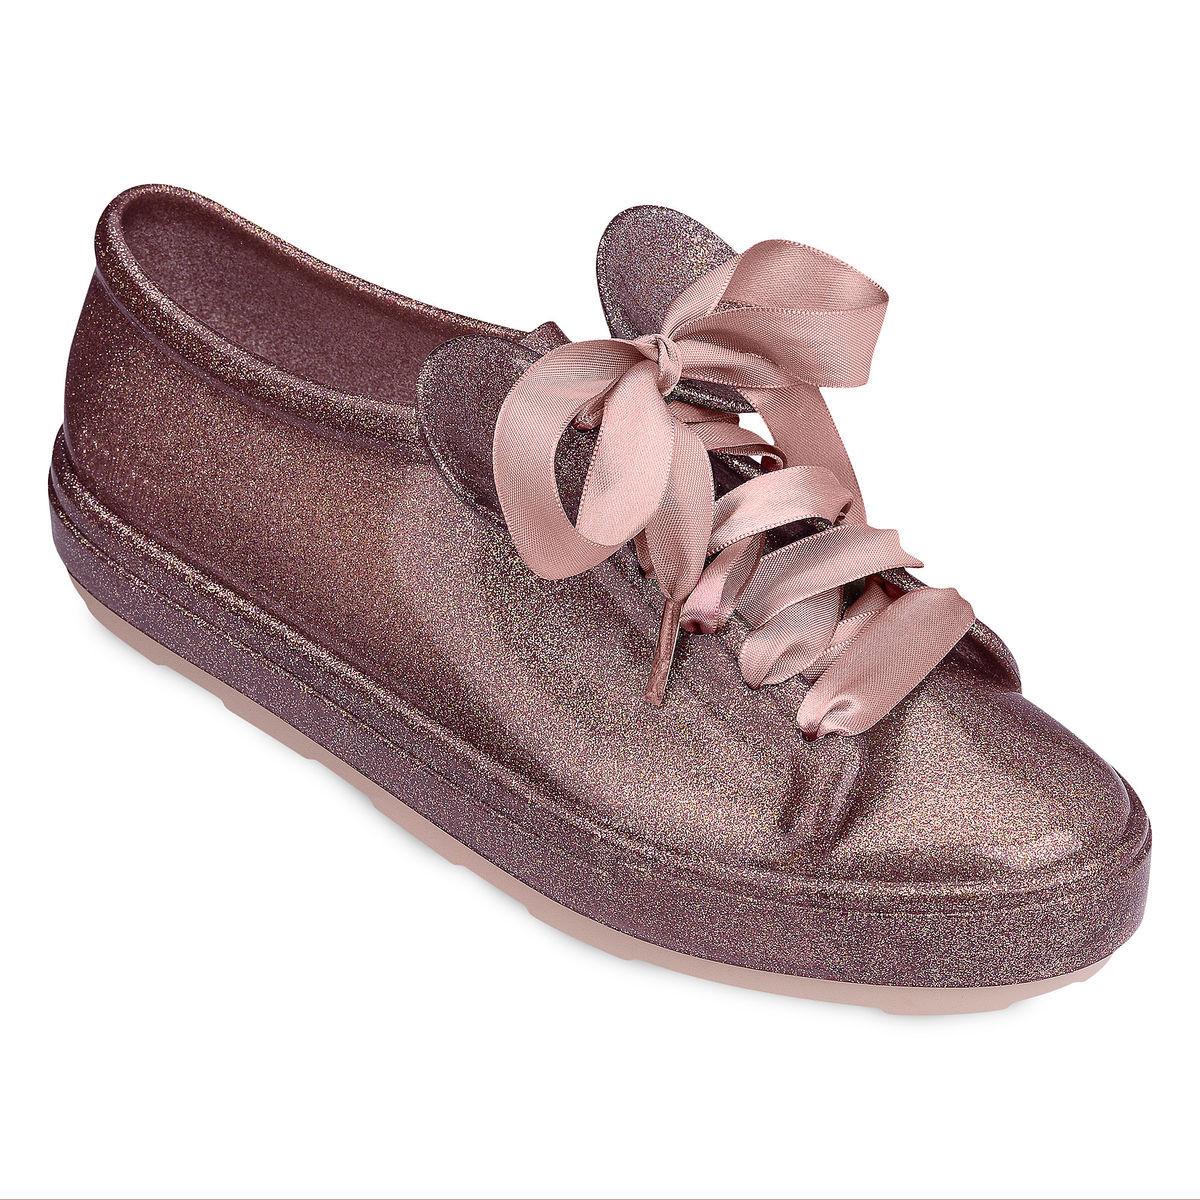 ミニー マウス スニーカー ローズゴールド 子供 靴 ディズニー